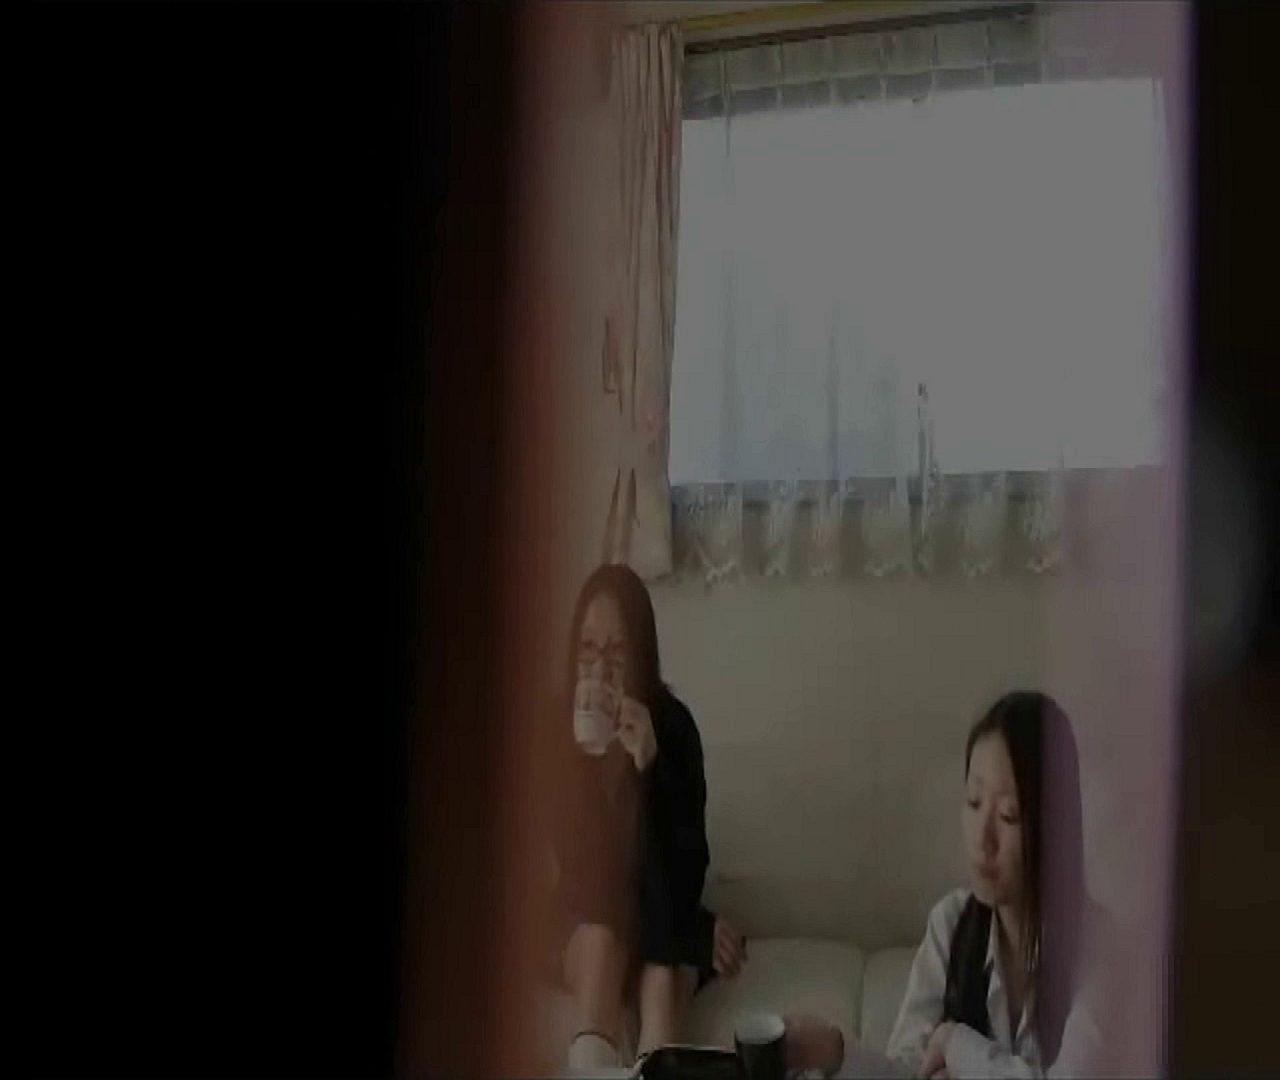 二人とも育てた甲斐がありました… vol.01 まどかとレイカの日常 OLセックス   0  91画像 45